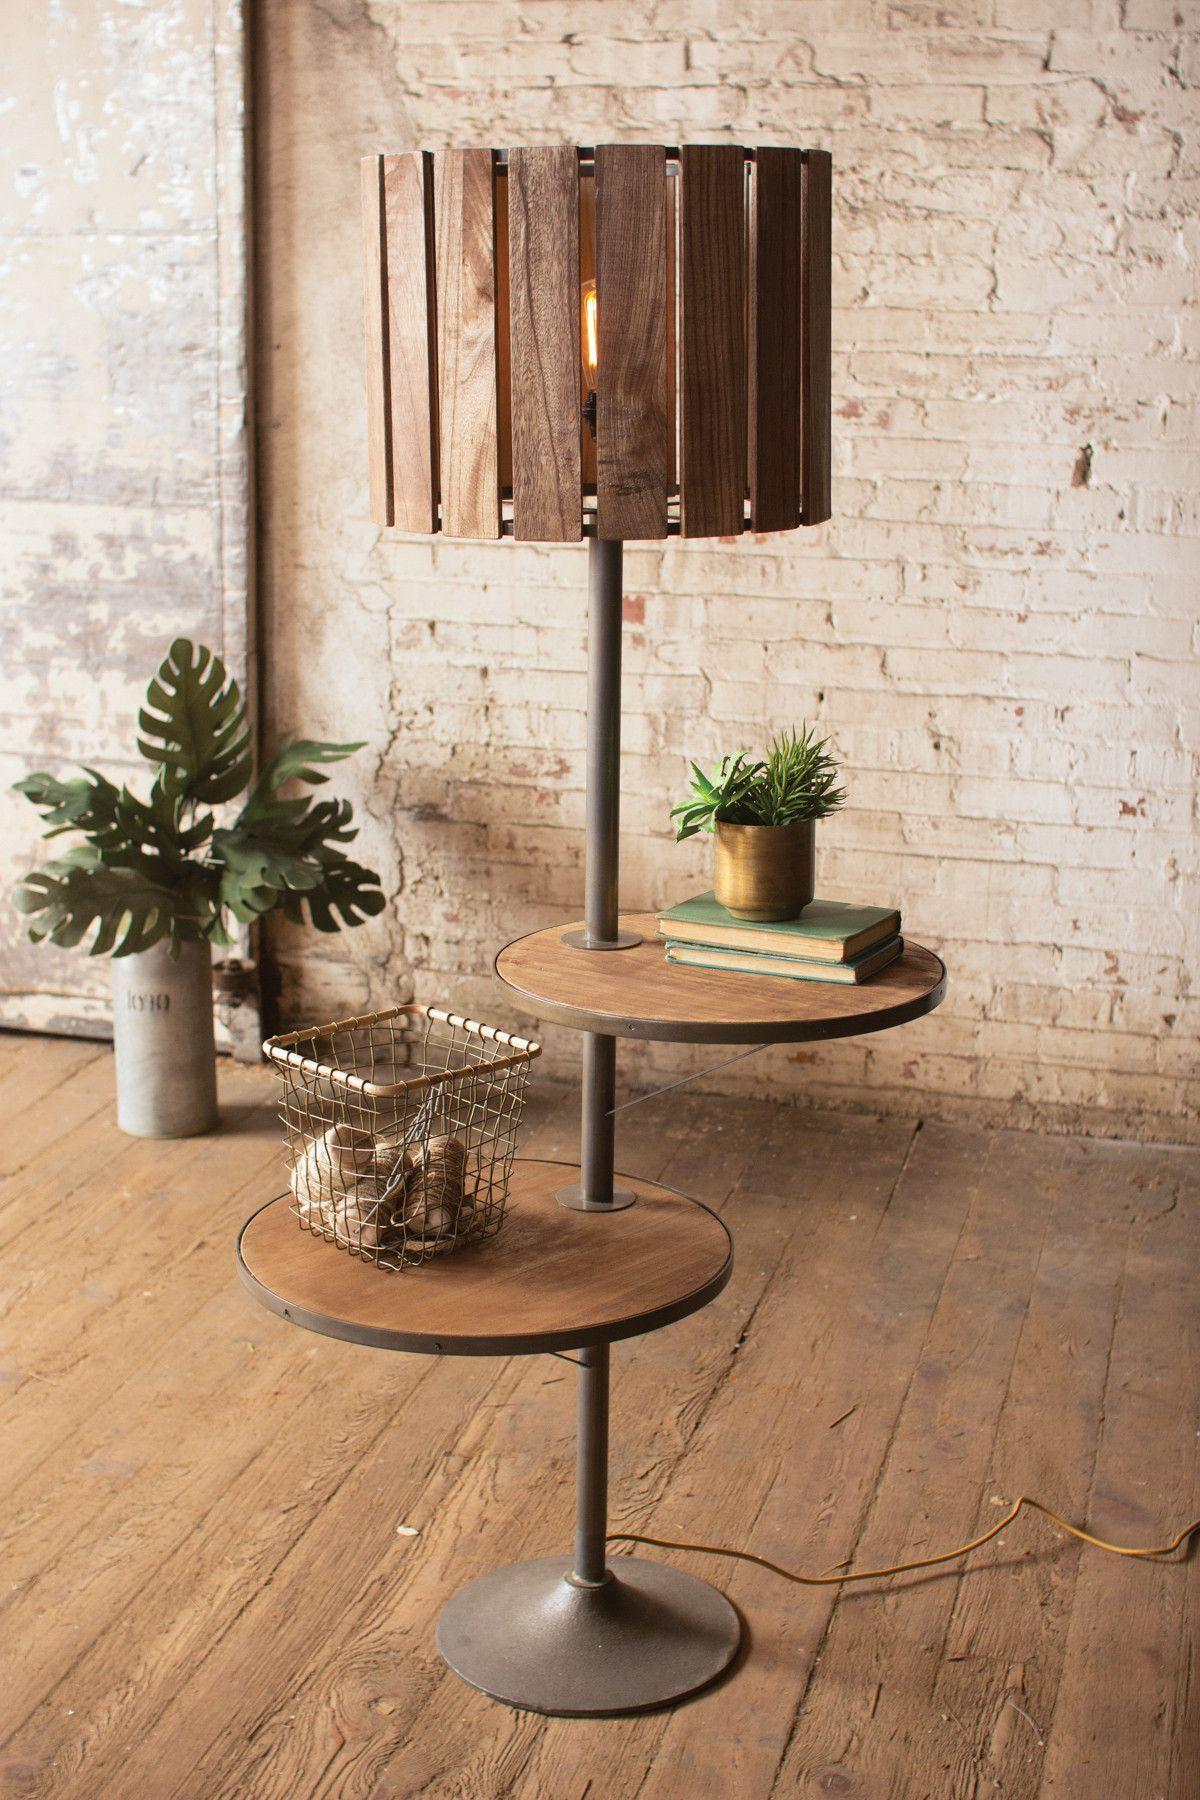 Industrial Floor Lamp With Shelves Floor Lamp With Shelves Diy Floor Lamp Rustic Floor Lamps